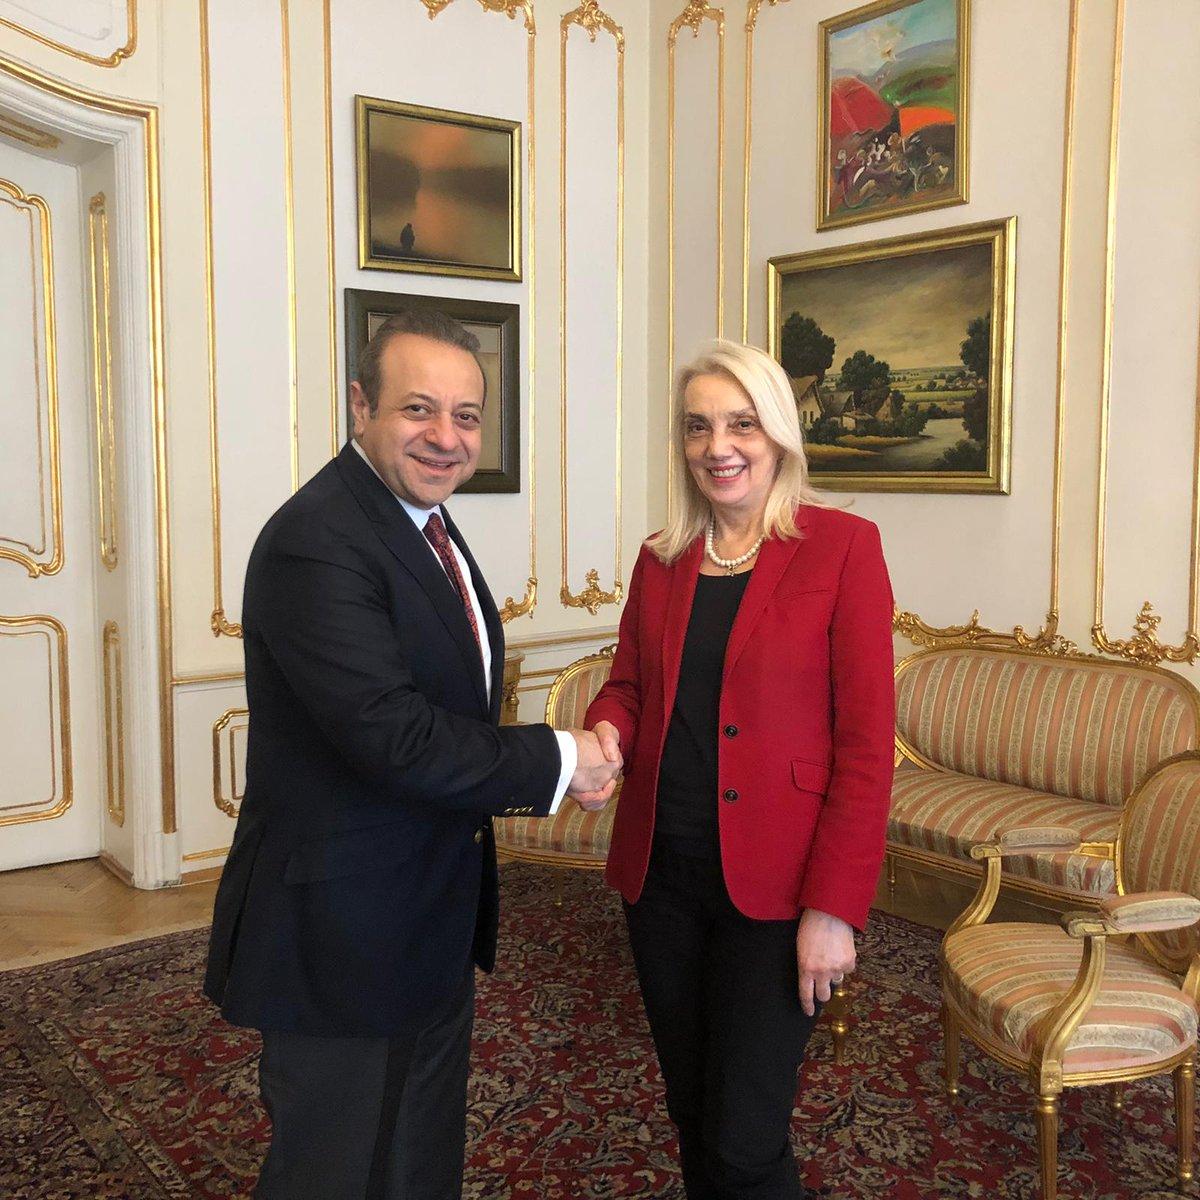 TurkishEmbassyP photo